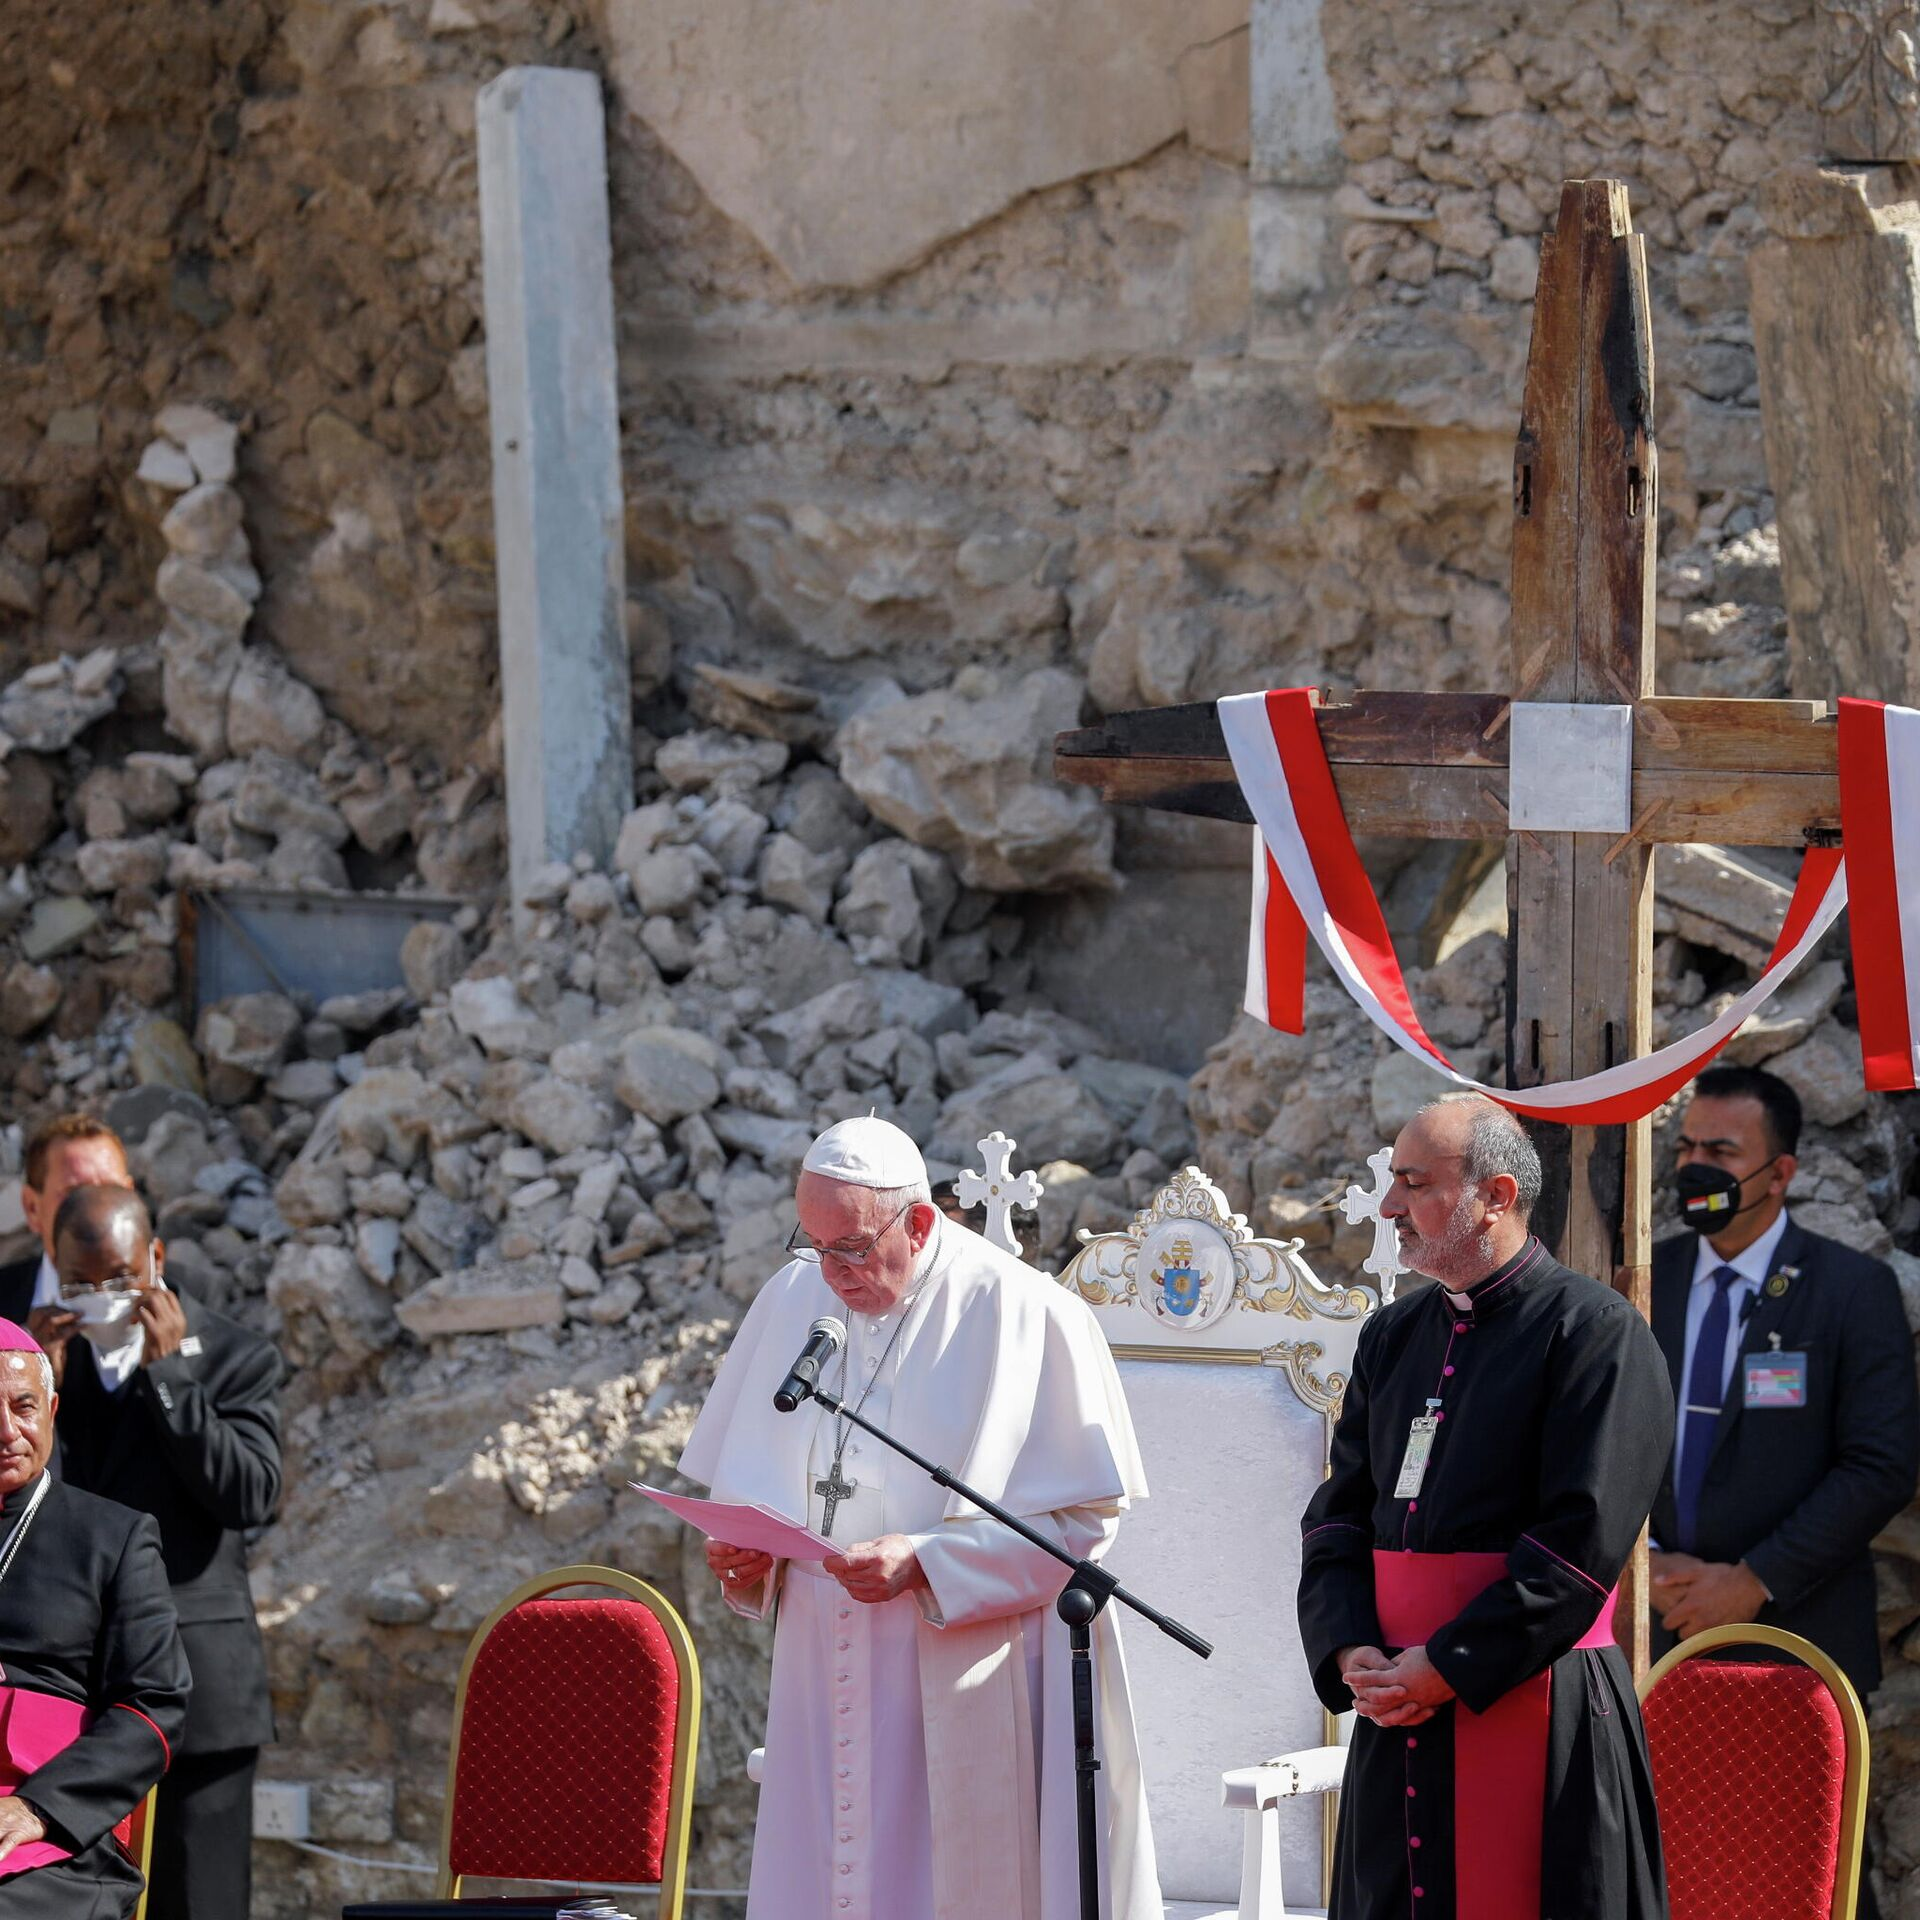 El papa Francisco se reúne con líderes del Kurdistán iraquí en Erbil y se  traslada a Mosul - 07.03.2021, Sputnik Mundo